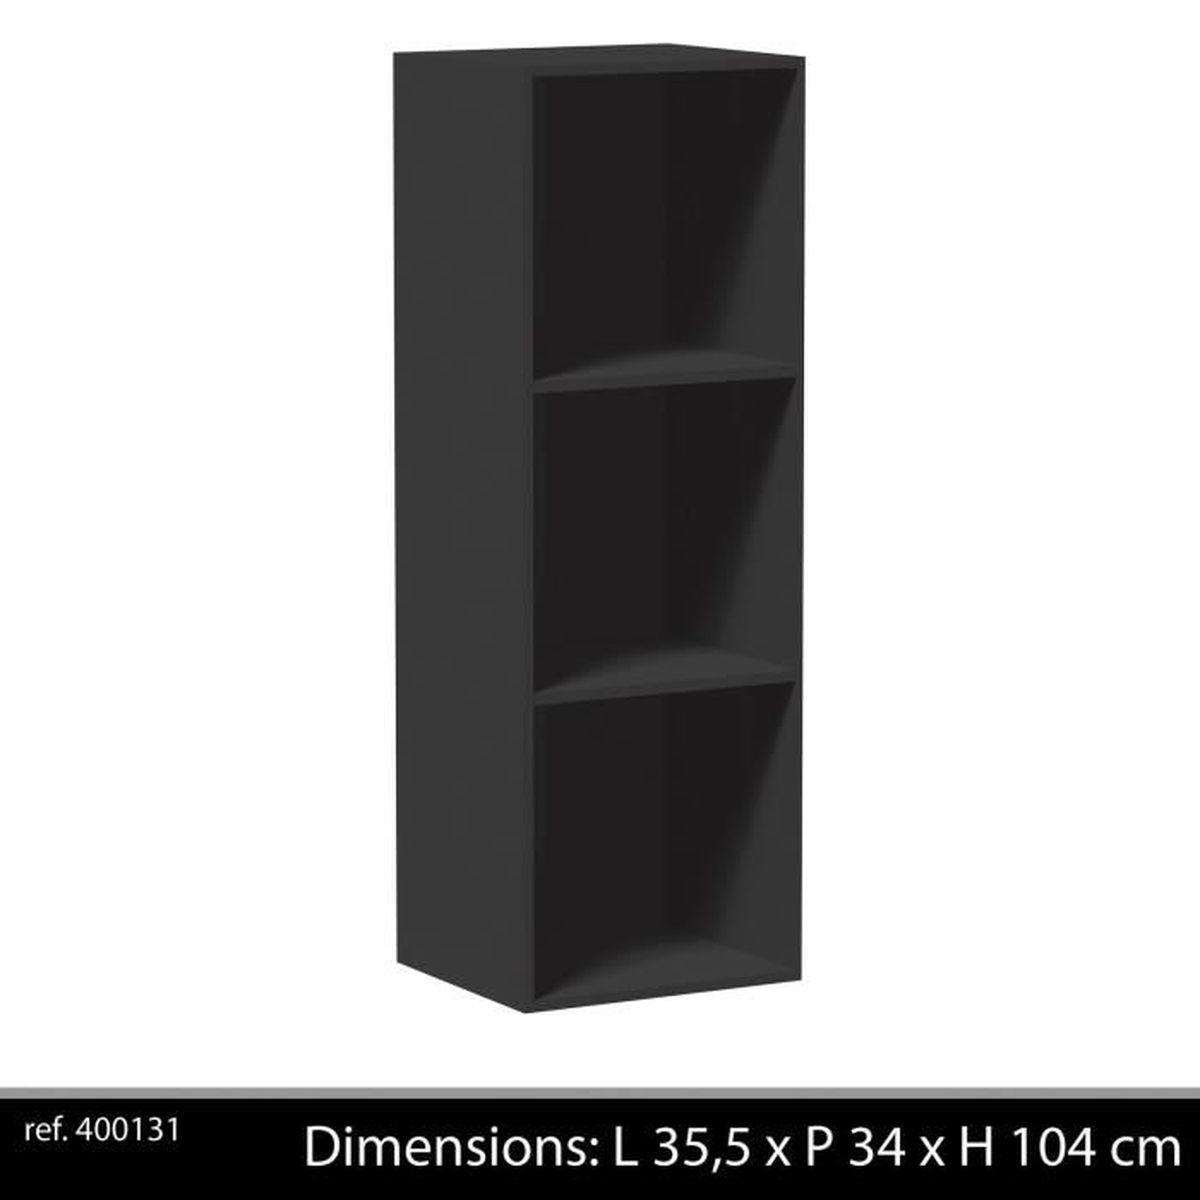 colonne de rangement chambre achat vente colonne de rangement chambre pas cher soldes d s. Black Bedroom Furniture Sets. Home Design Ideas